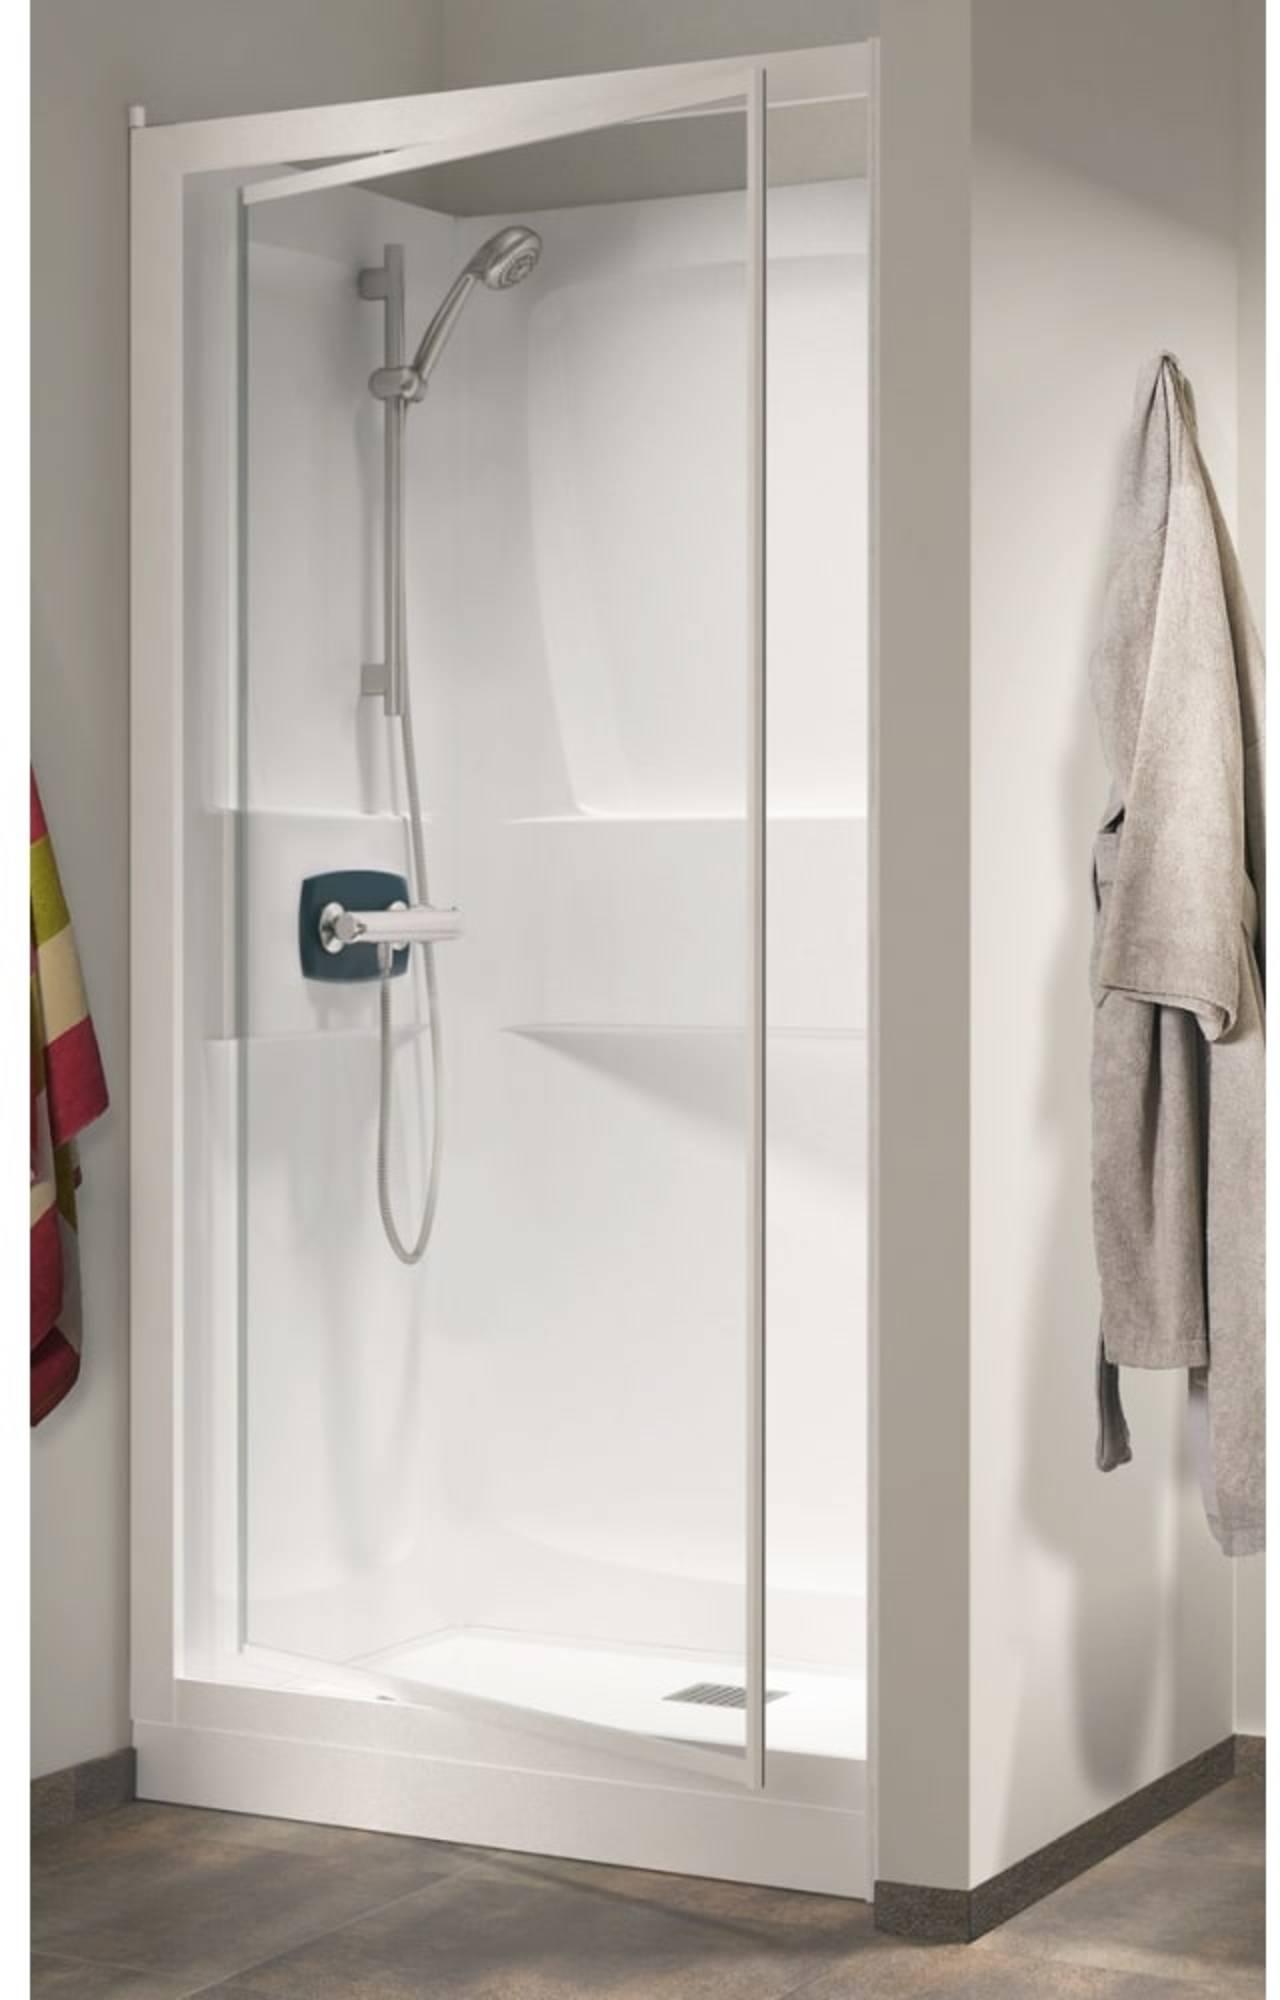 Productafbeelding van Kinedo Kineprime nis cabine 70x70 draaid+thermostaat Douchebak 9cm